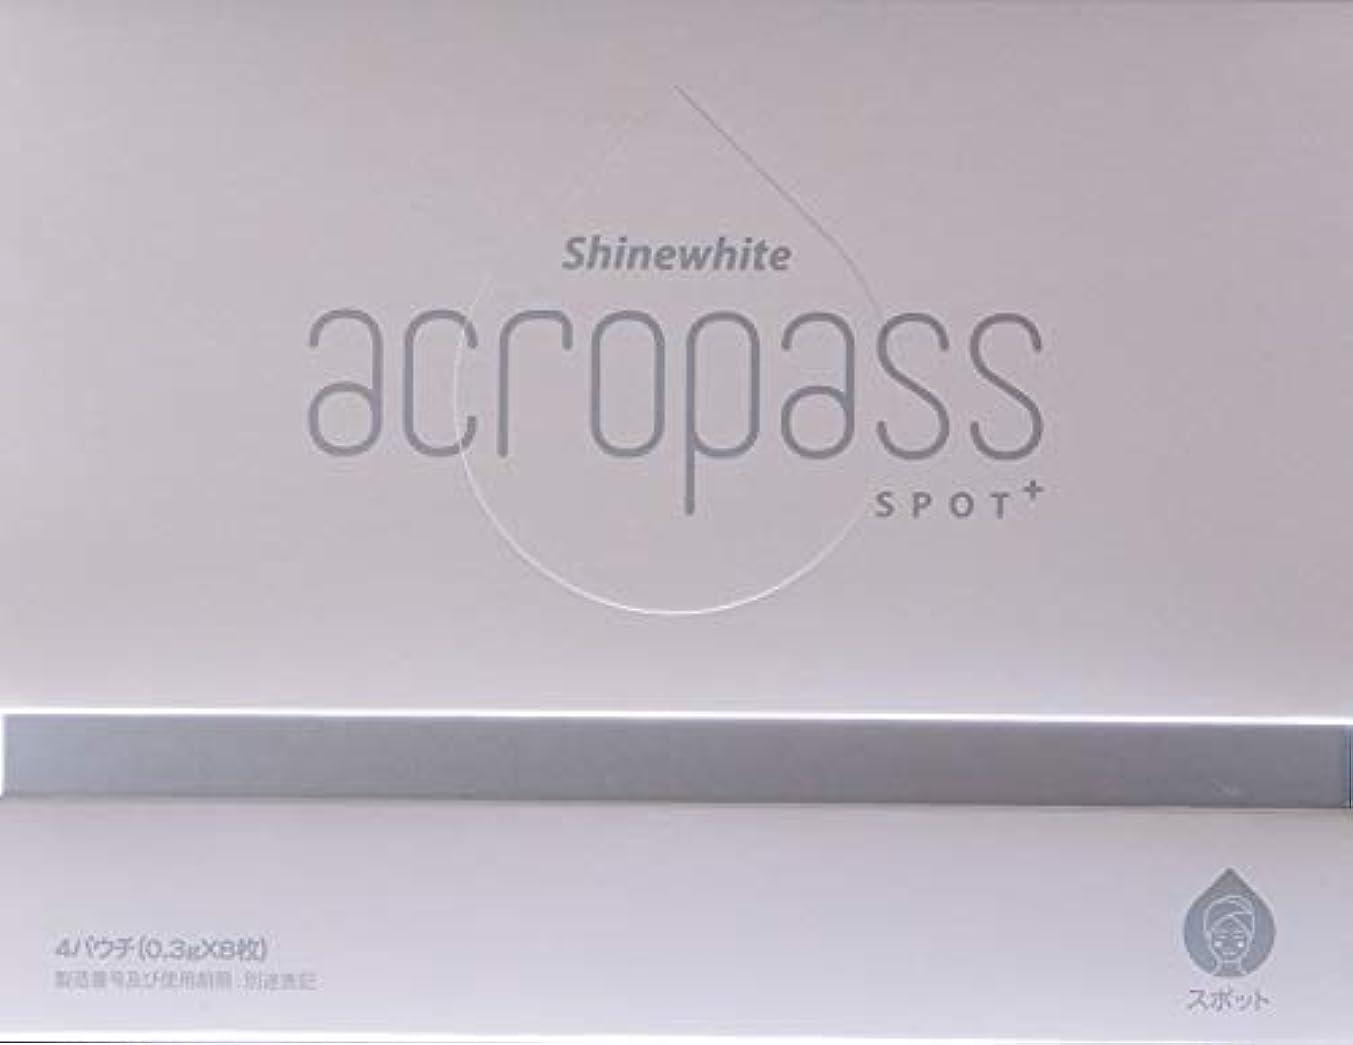 広がり嫉妬石油アクロパス スポットプラス 1箱:4パウチ(1パウチに2枚入り)【送料無料】美白効果をプラスしたアクロパス、ヒアルロン酸+4種の美白成分配合マイクロニードルパッチ